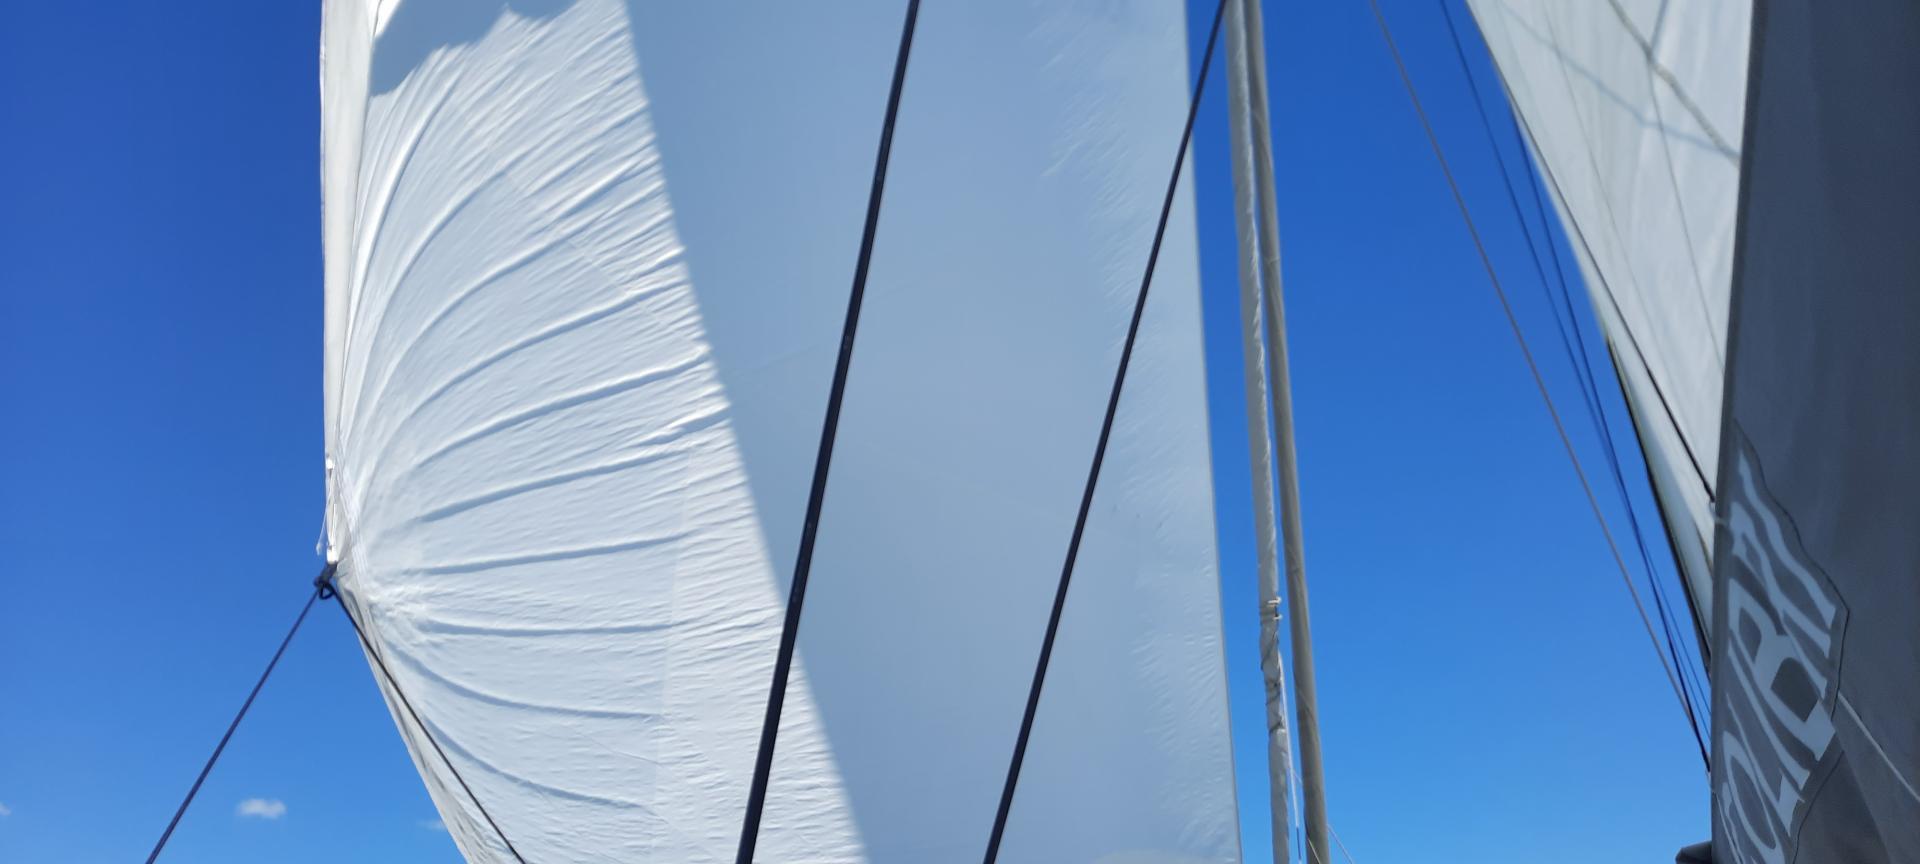 Catana 50 sailing